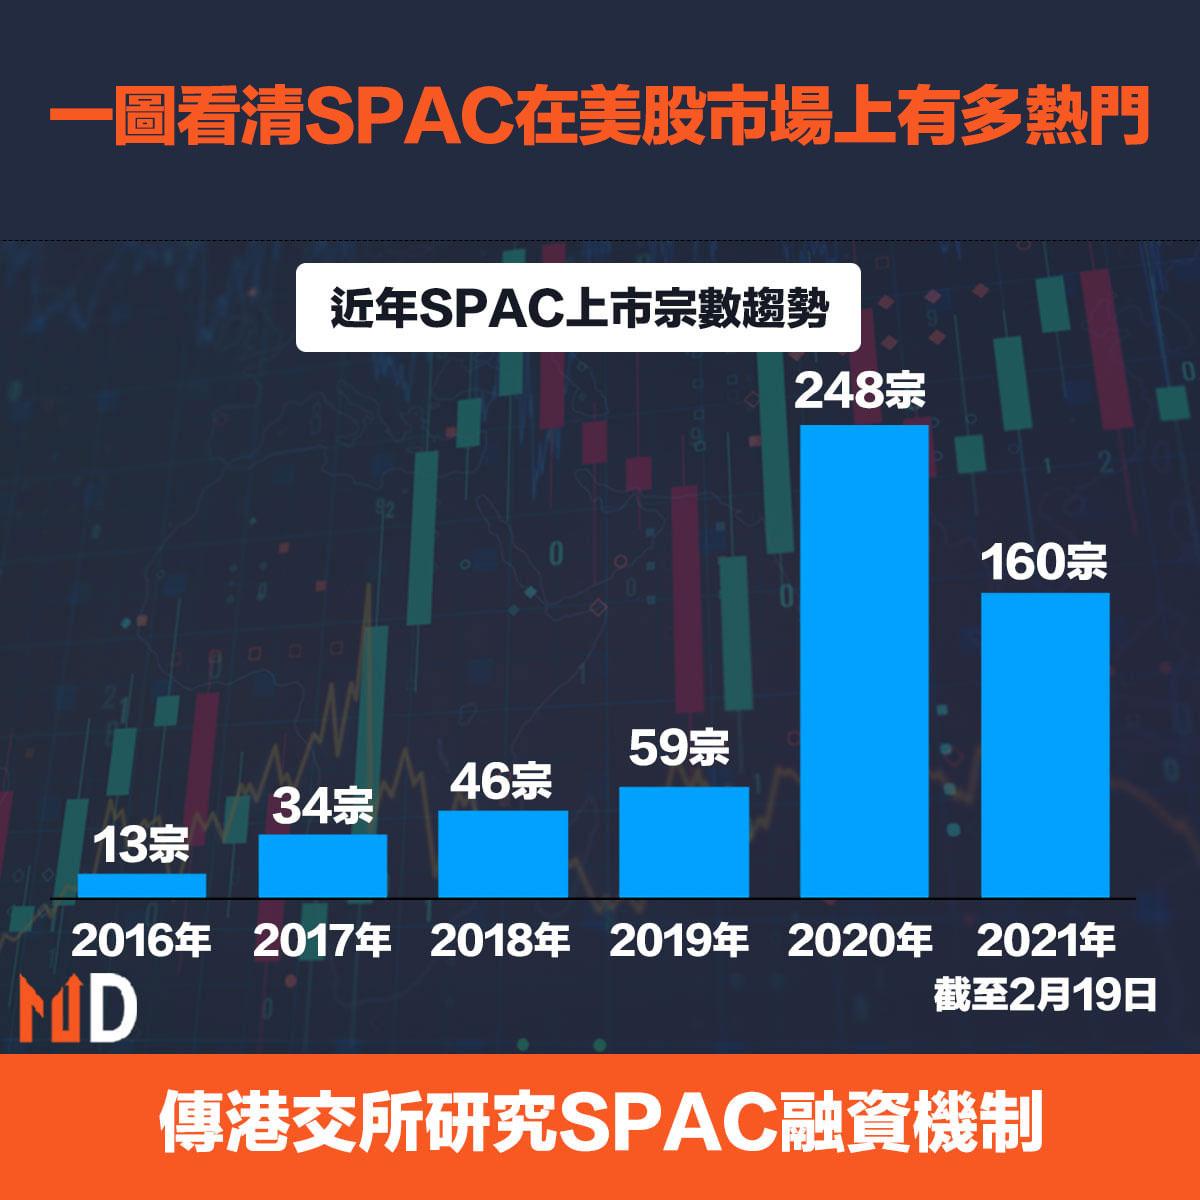 美國去年有494隻新股,SPAC達248間,佔比約一半